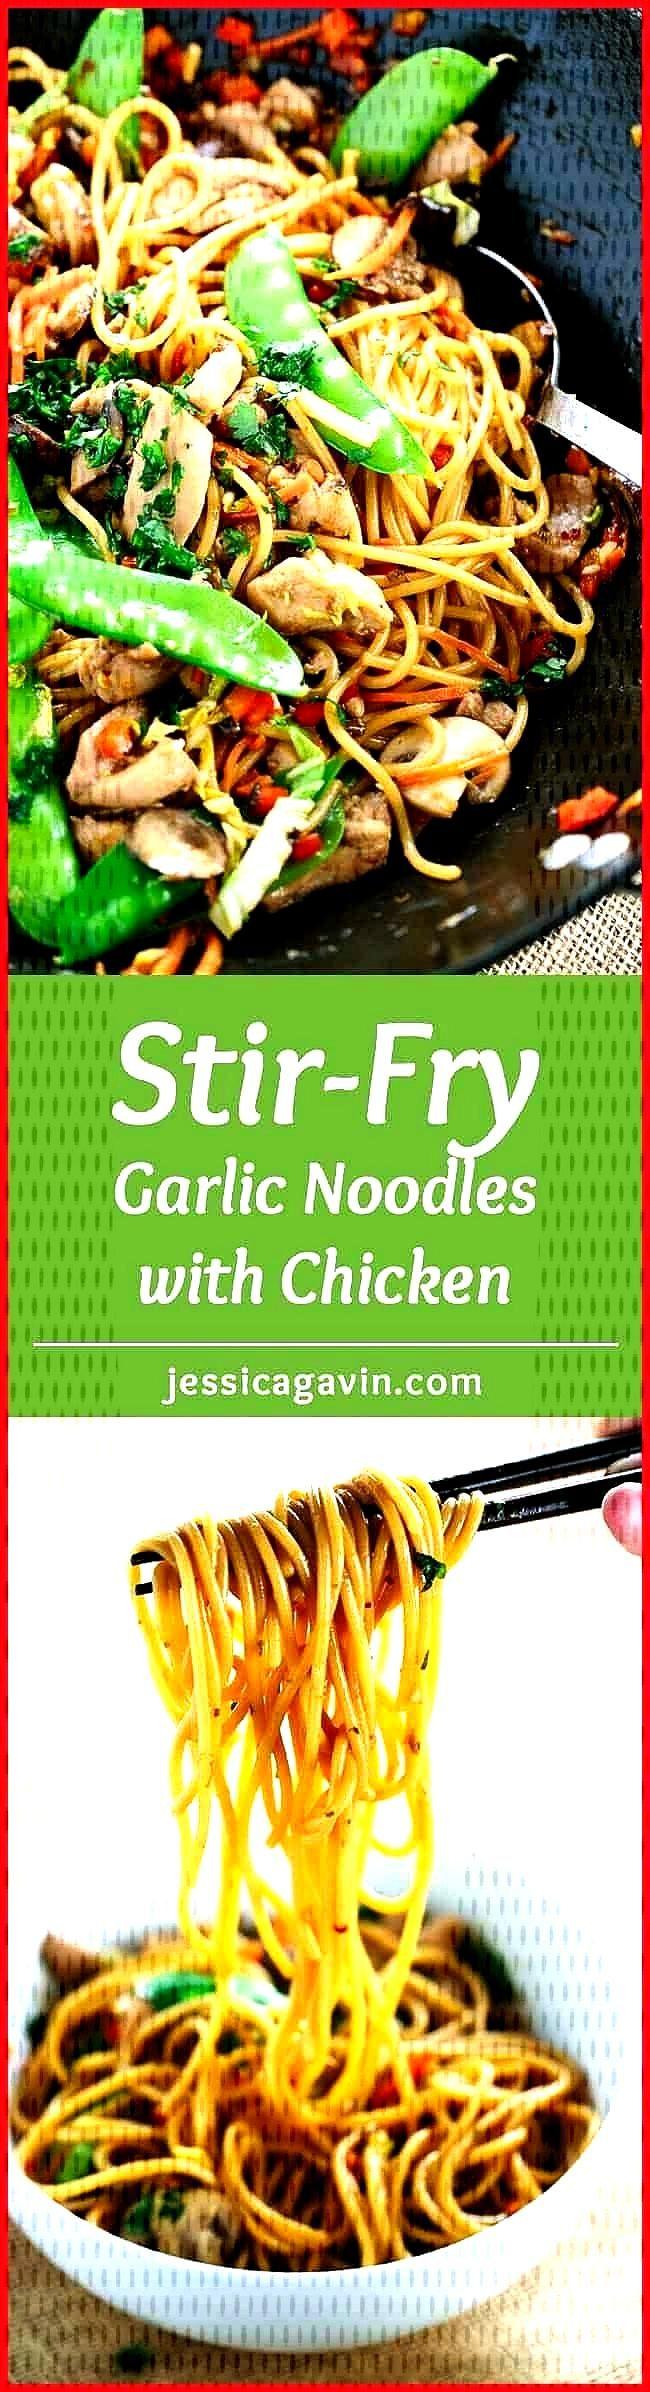 Stir-Fried Garlic Noodles with Chicken Stir-fried garlic noodles served with tender pieces of chick